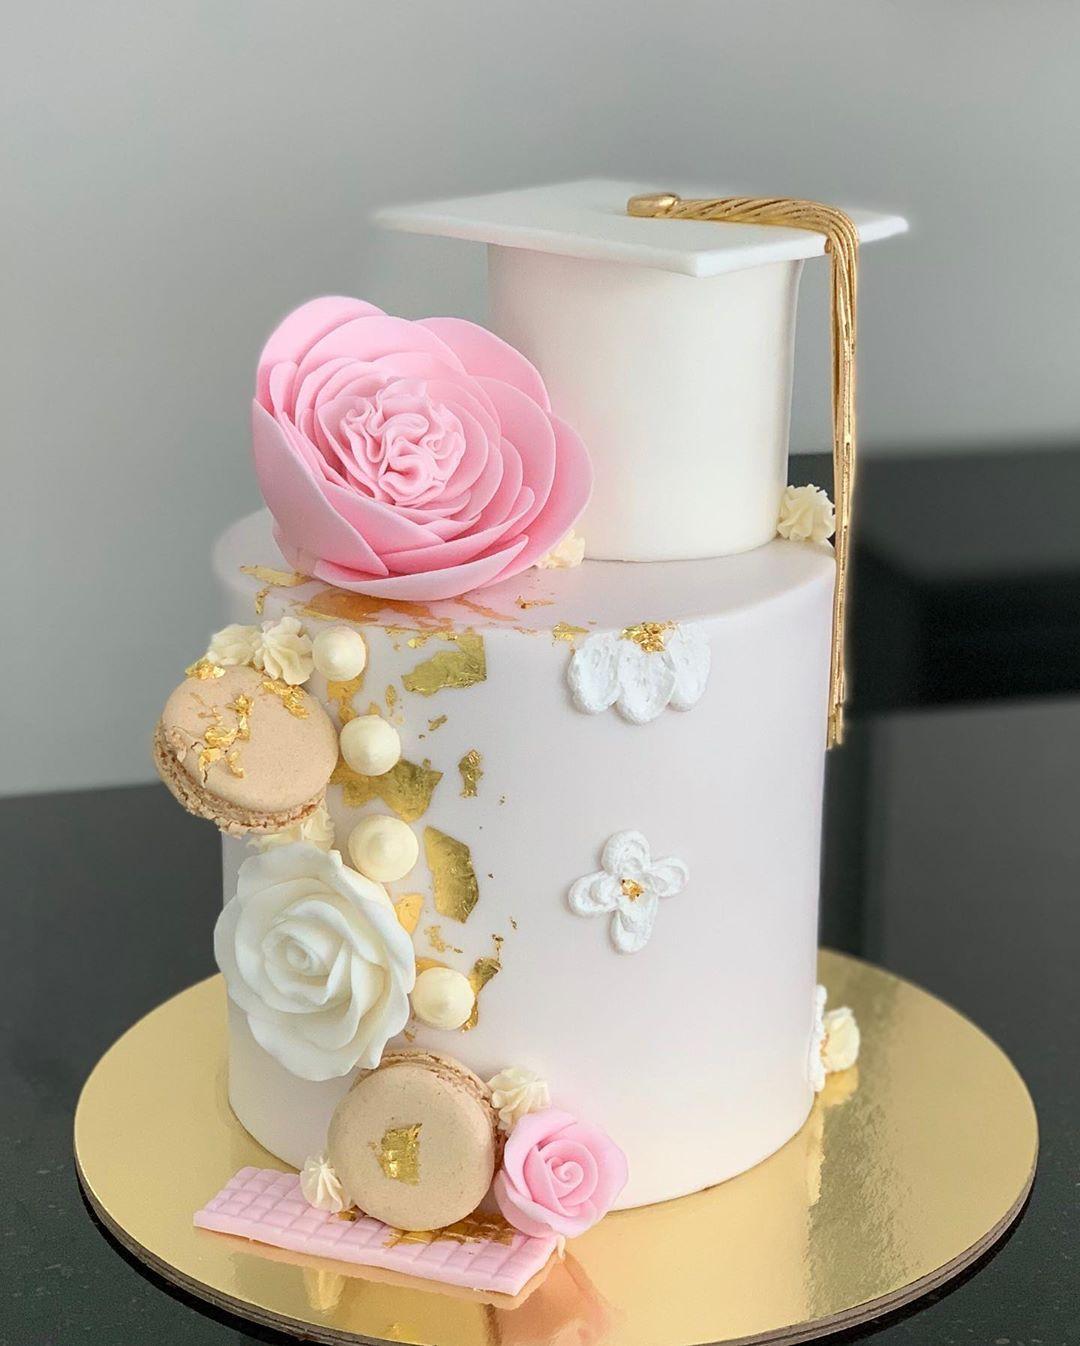 كيكه تخرج ابوظبي كيك تخرج بنت ثناويه كيكه تخرج توصيل الامارات كيكه تخرج توصيل دبي احلى كي Graduation Cakes Pink Graduation Cake Graduation Cake Designs